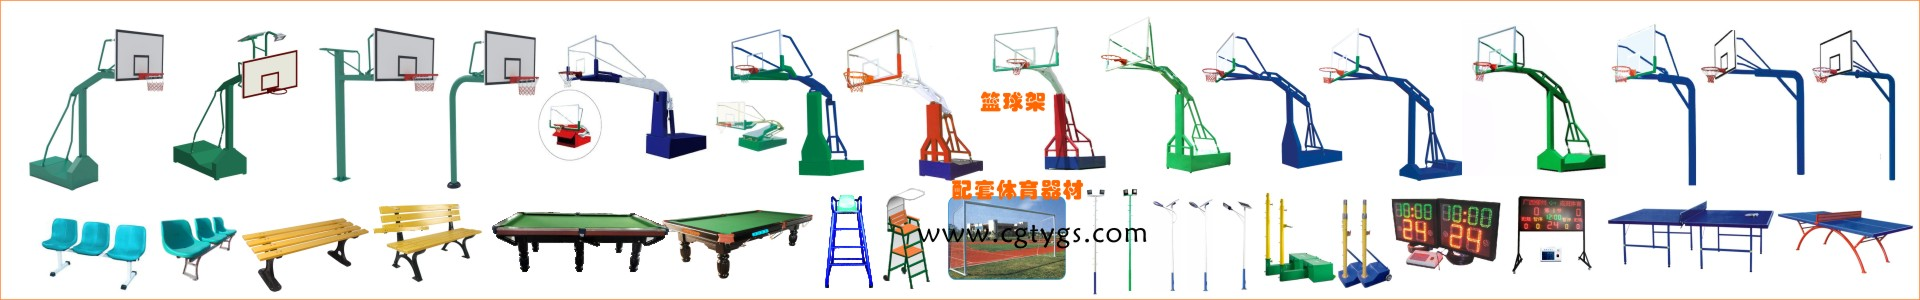 篮球架及其它体育器材